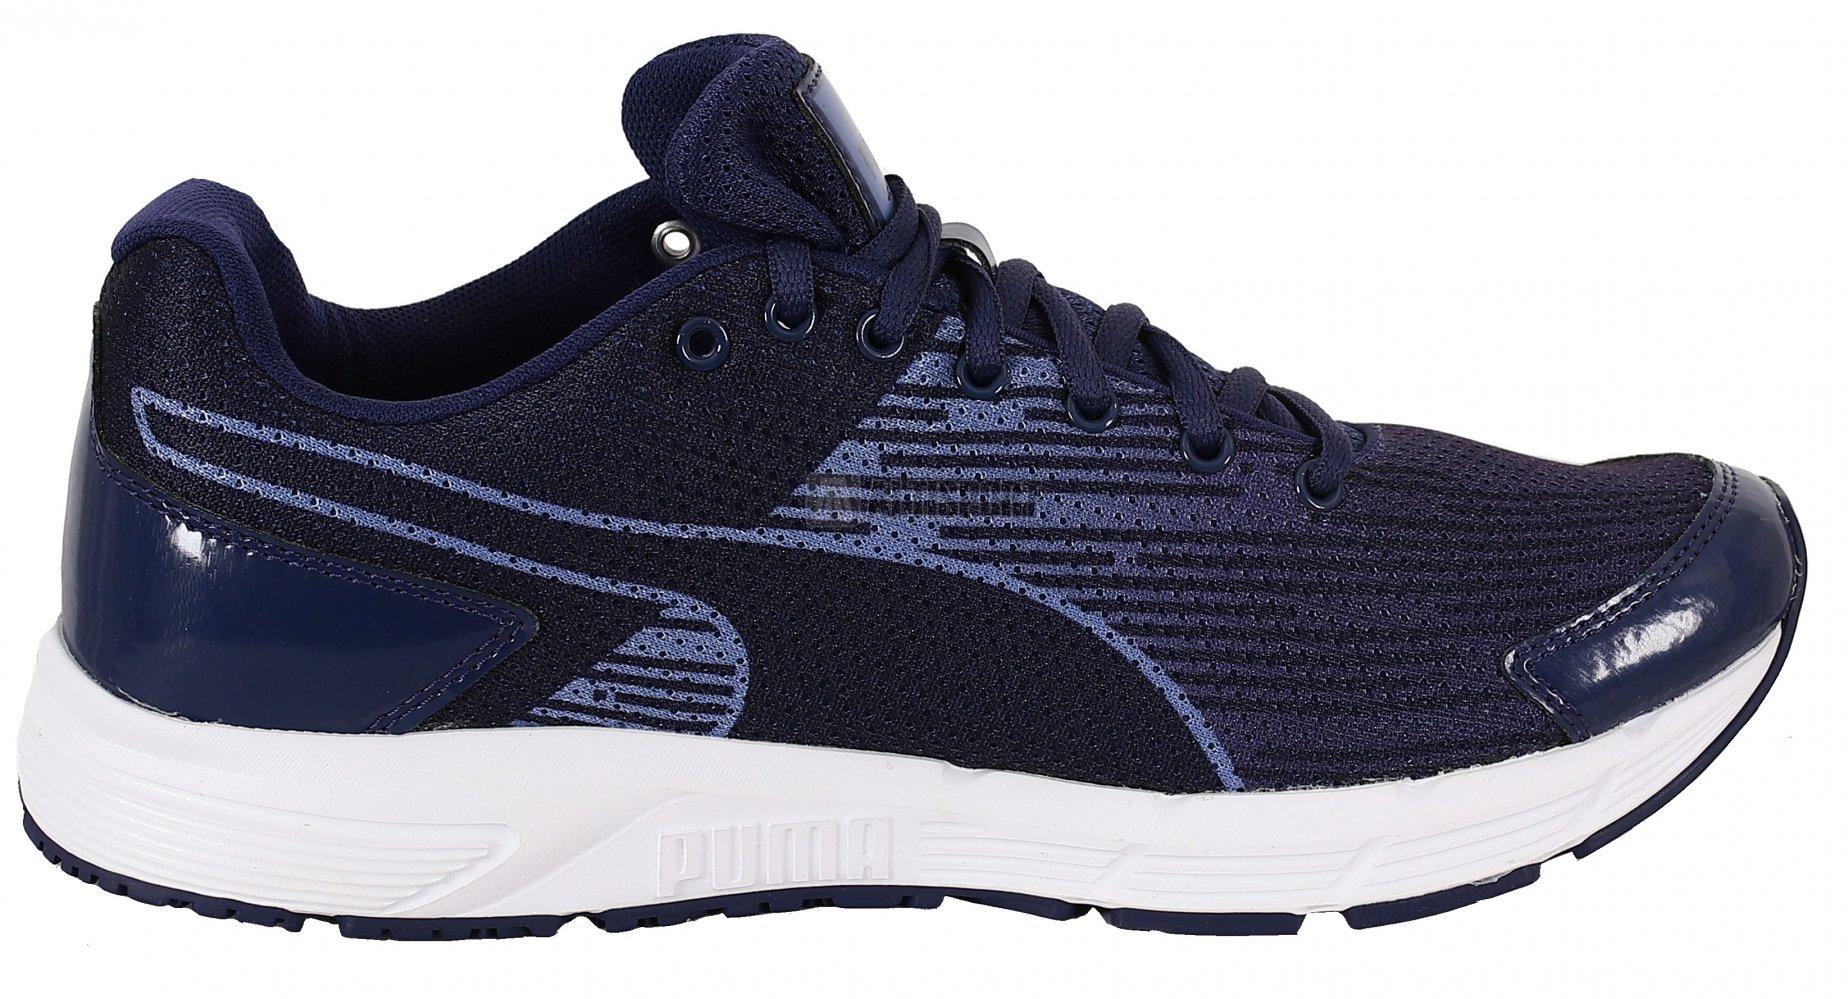 Dámská běžecká obuv PUMA SEQUENCE WN S 18756009 TMAVĚ MODRÁ velikost ... 92a413a531